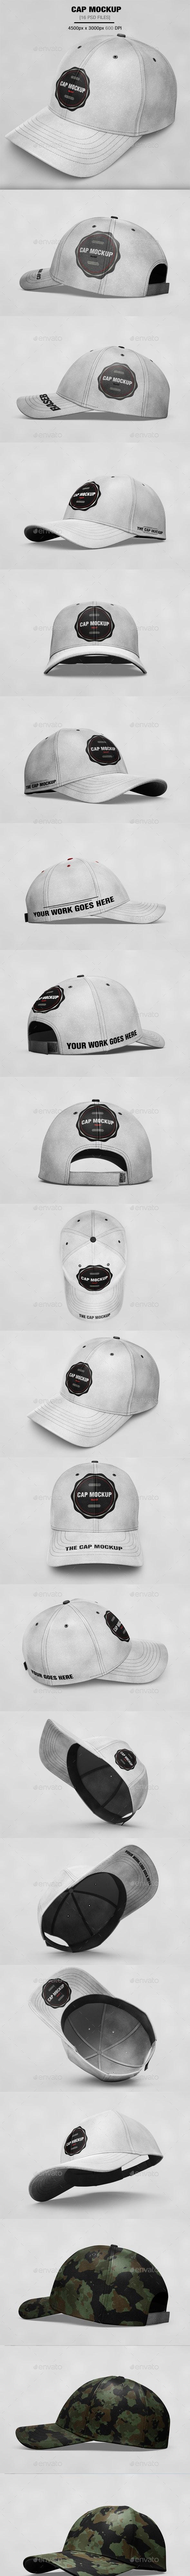 16 Cap Mockup - Product Mock-Ups Graphics